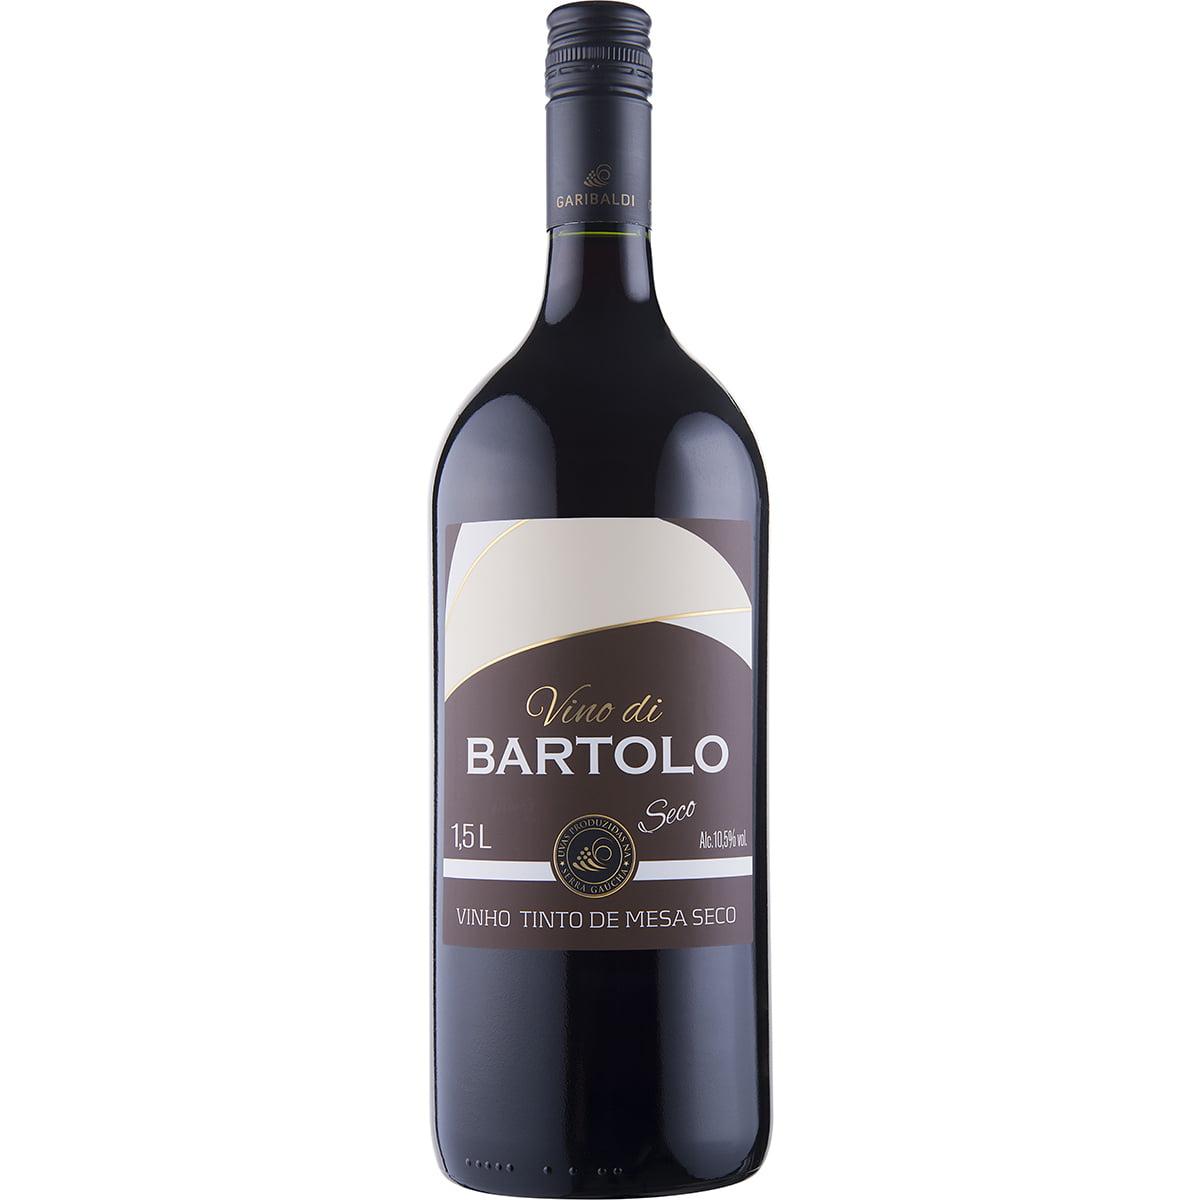 Vinho Garibaldi di Bartolo Tinto Seco 1,5Lts